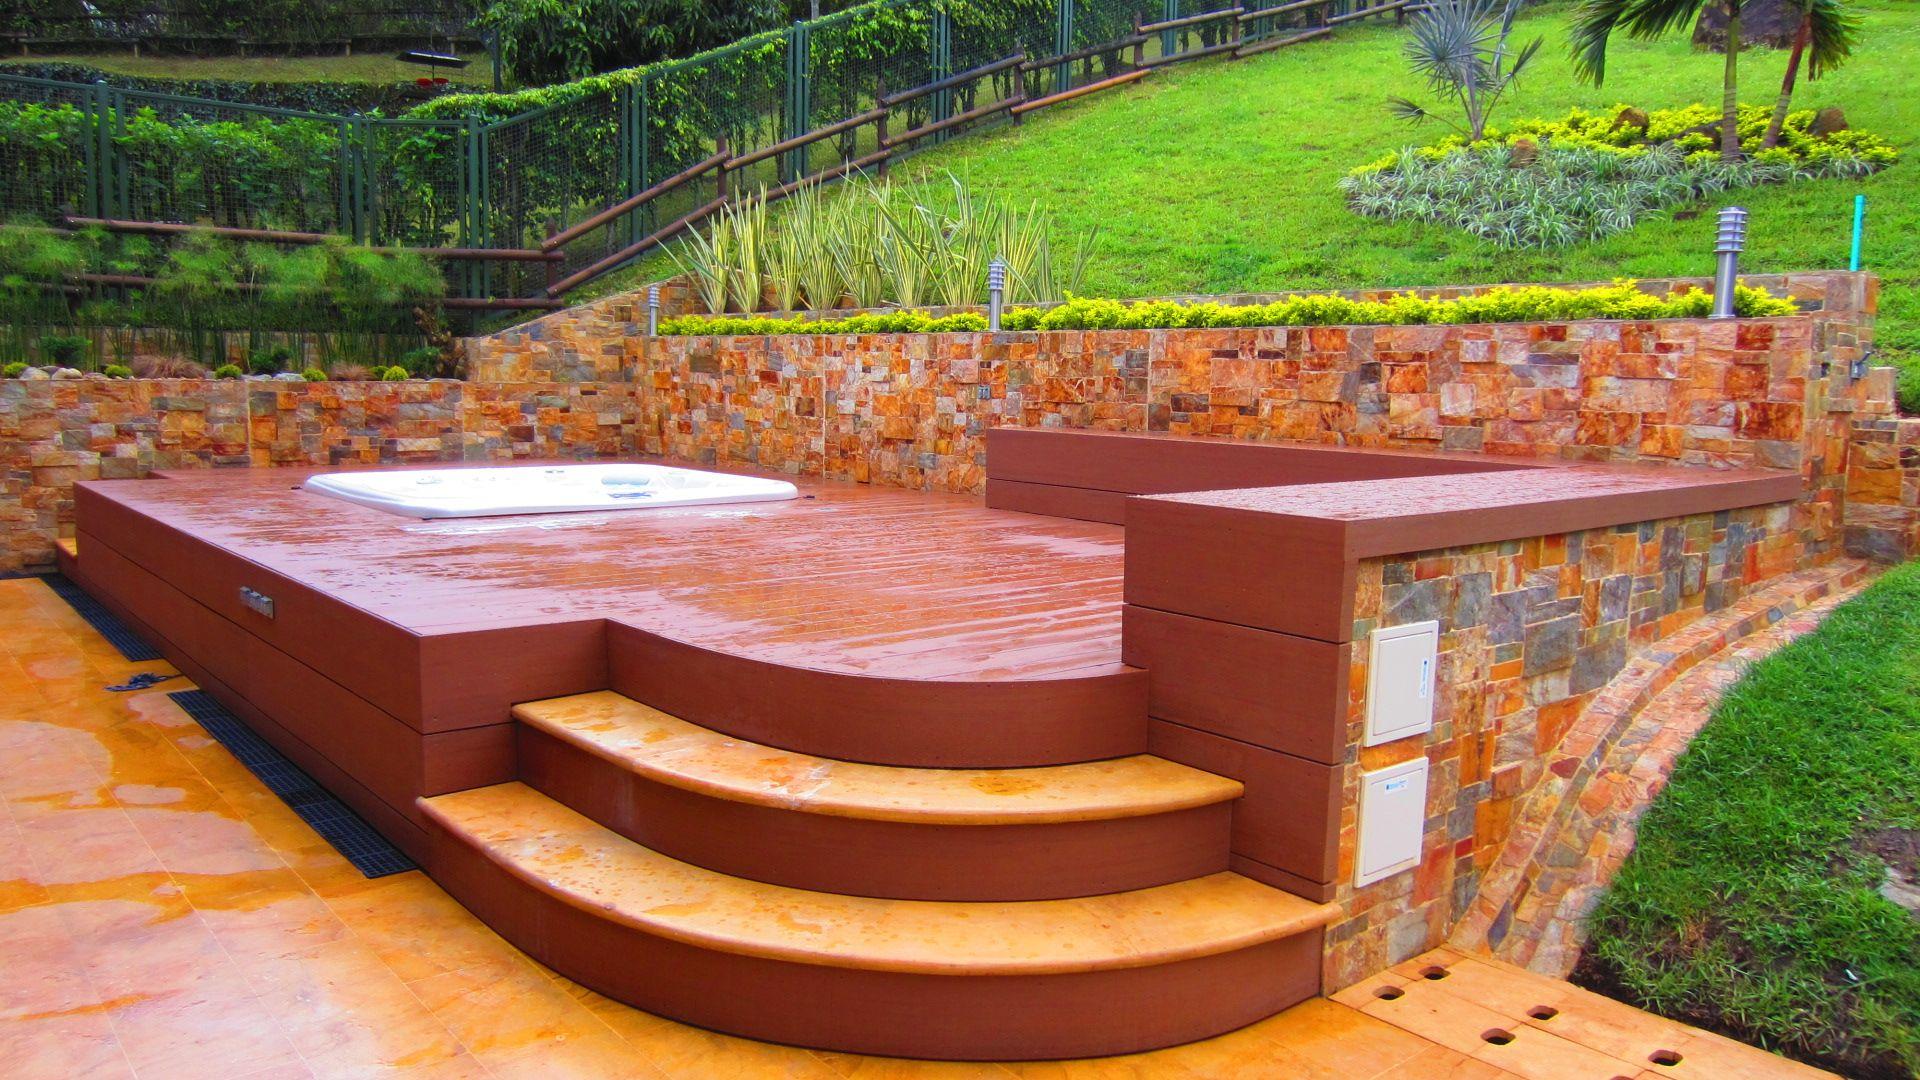 Patio Deck Design Tool: Hot Tub Deck Design Planning Tool